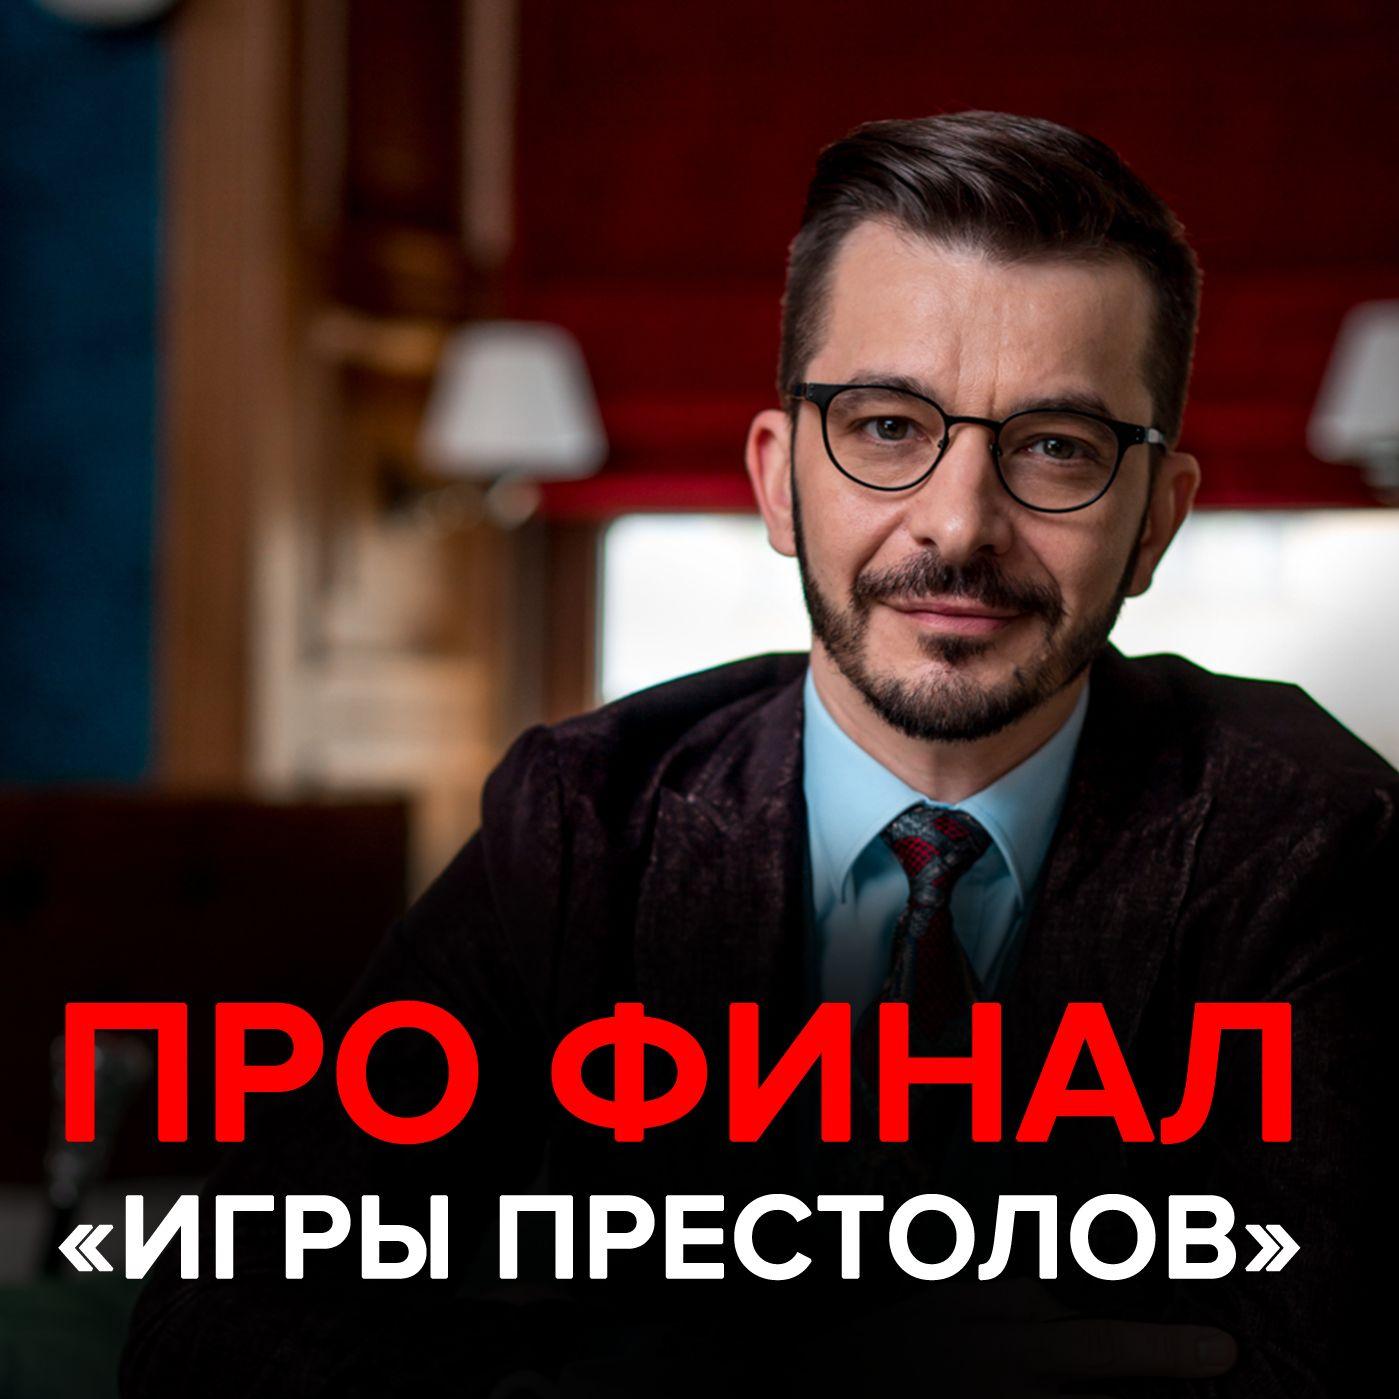 Андрей Курпатов про финал «Игры престолов»